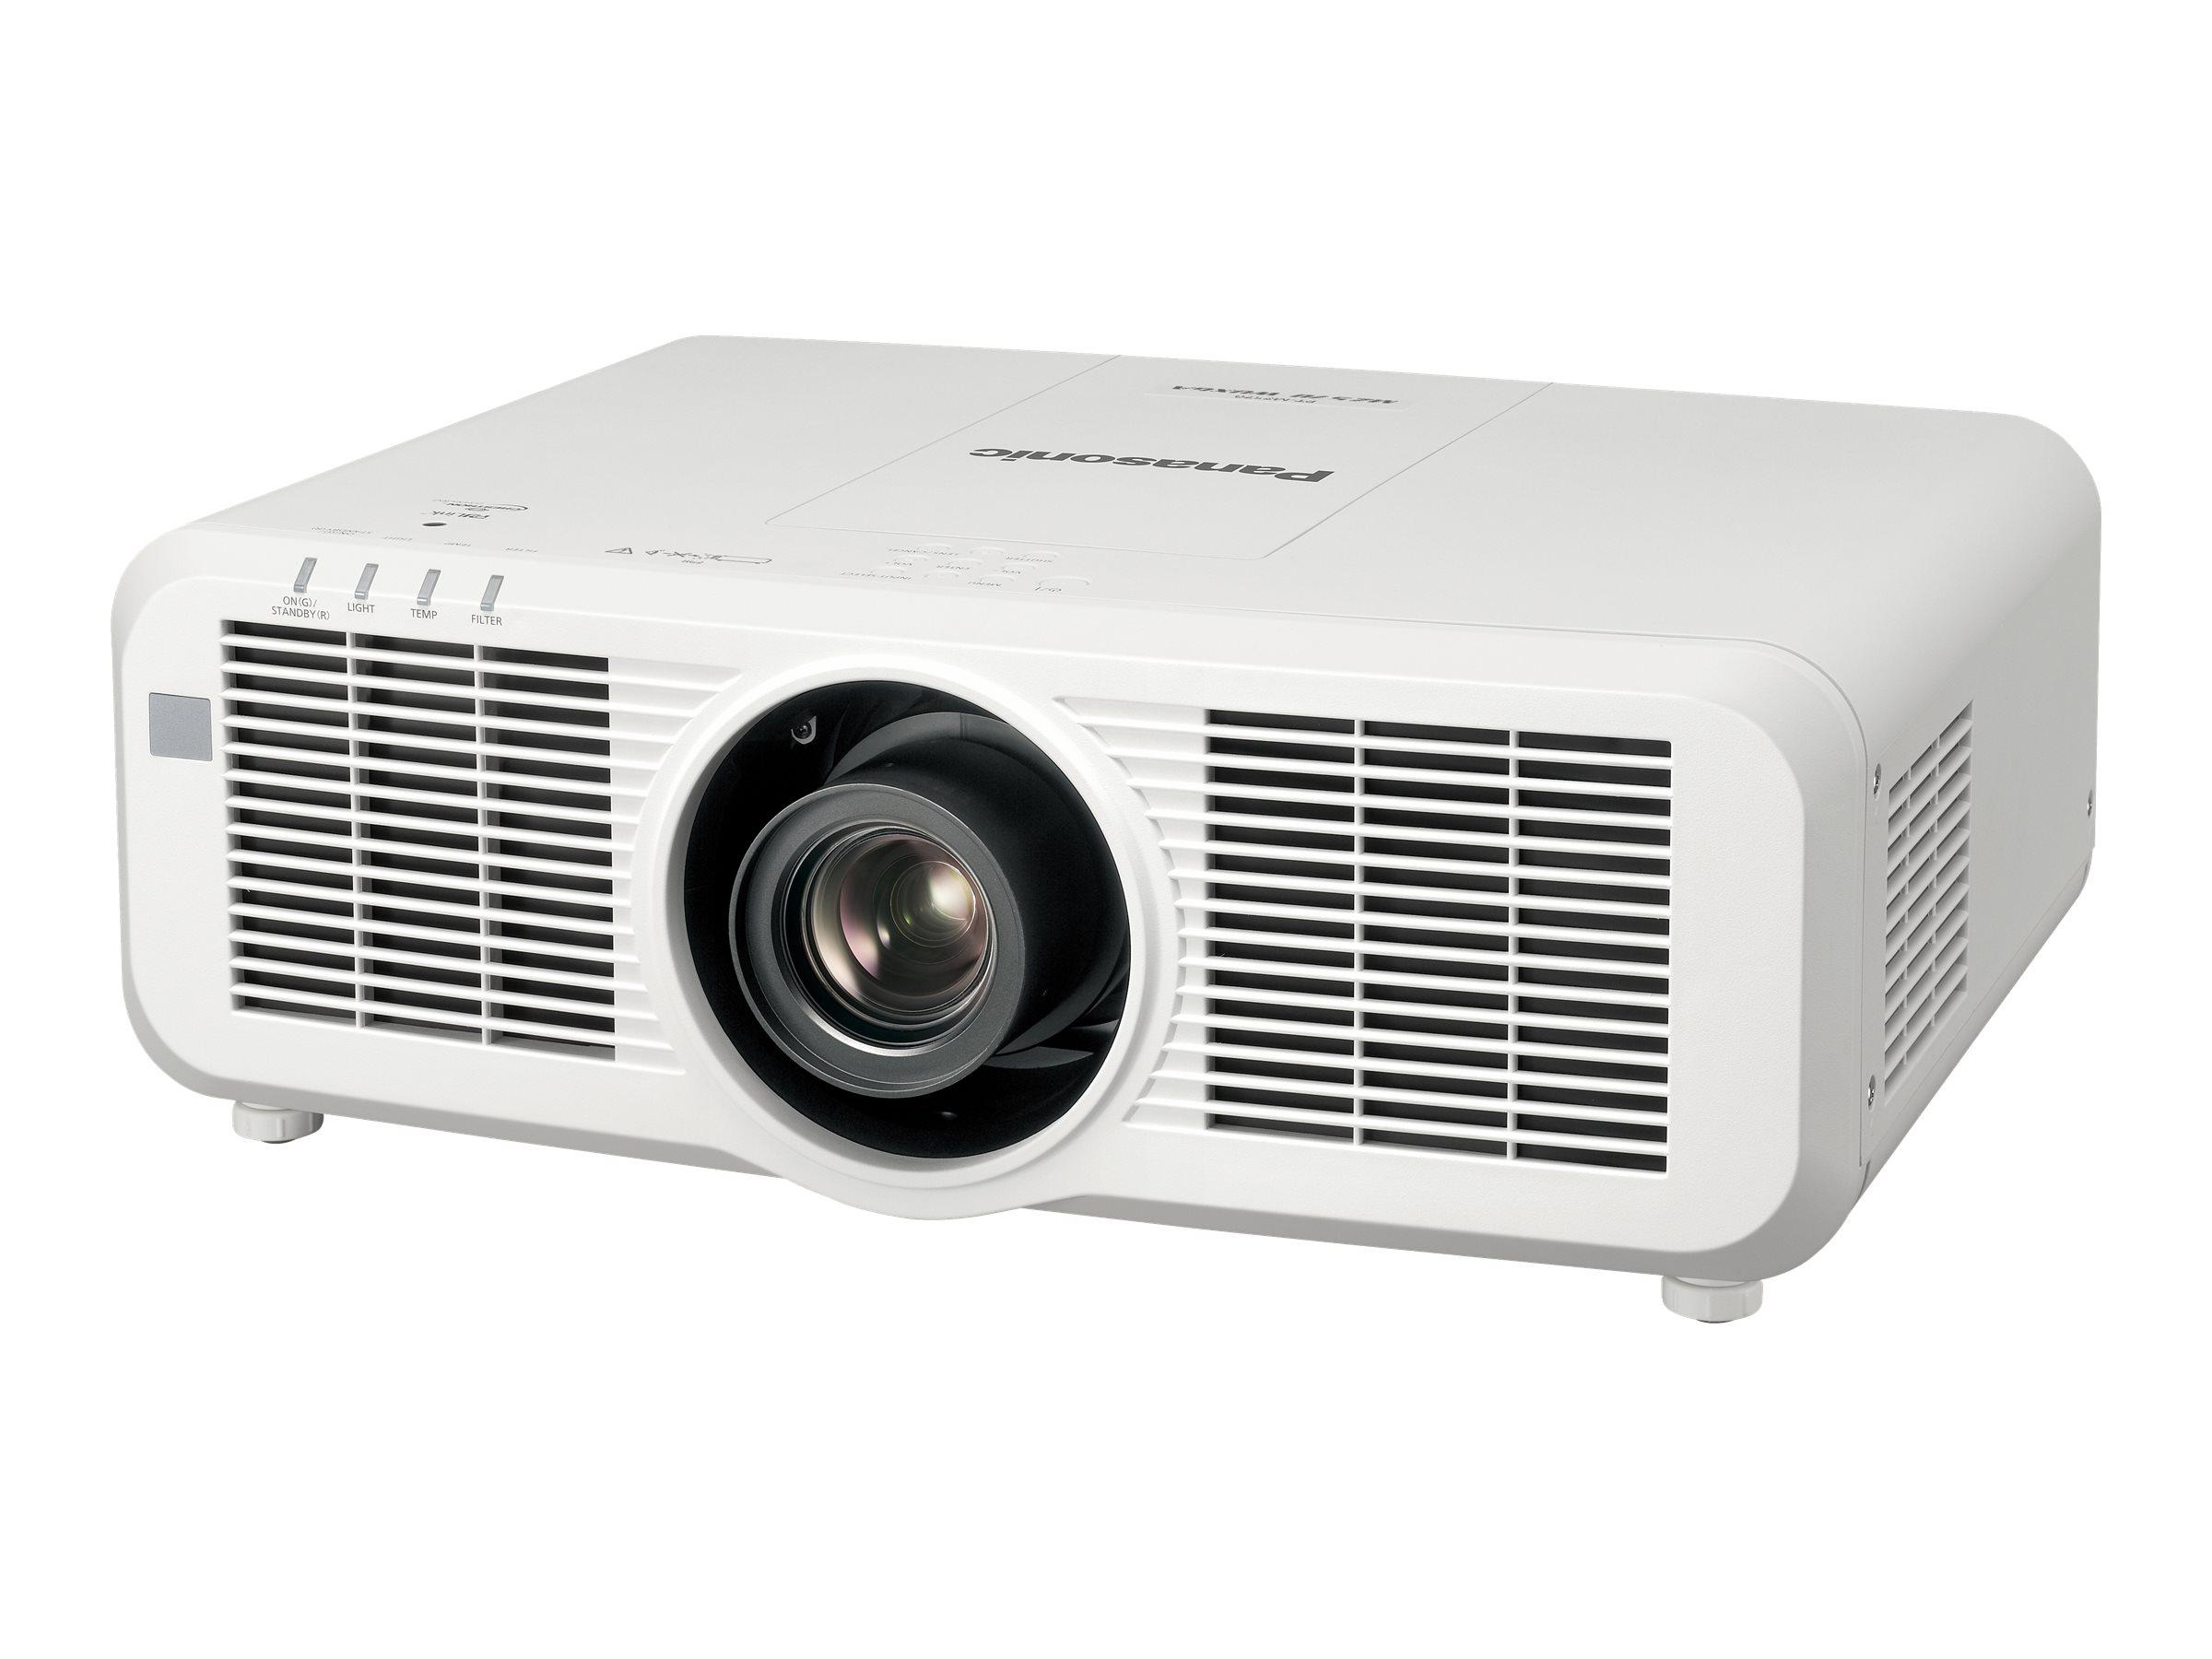 Panasonic PT-MZ570EJ - LCD-Projektor - 5500 lm - WUXGA (1920 x 1200) - 16:10 - 1080p